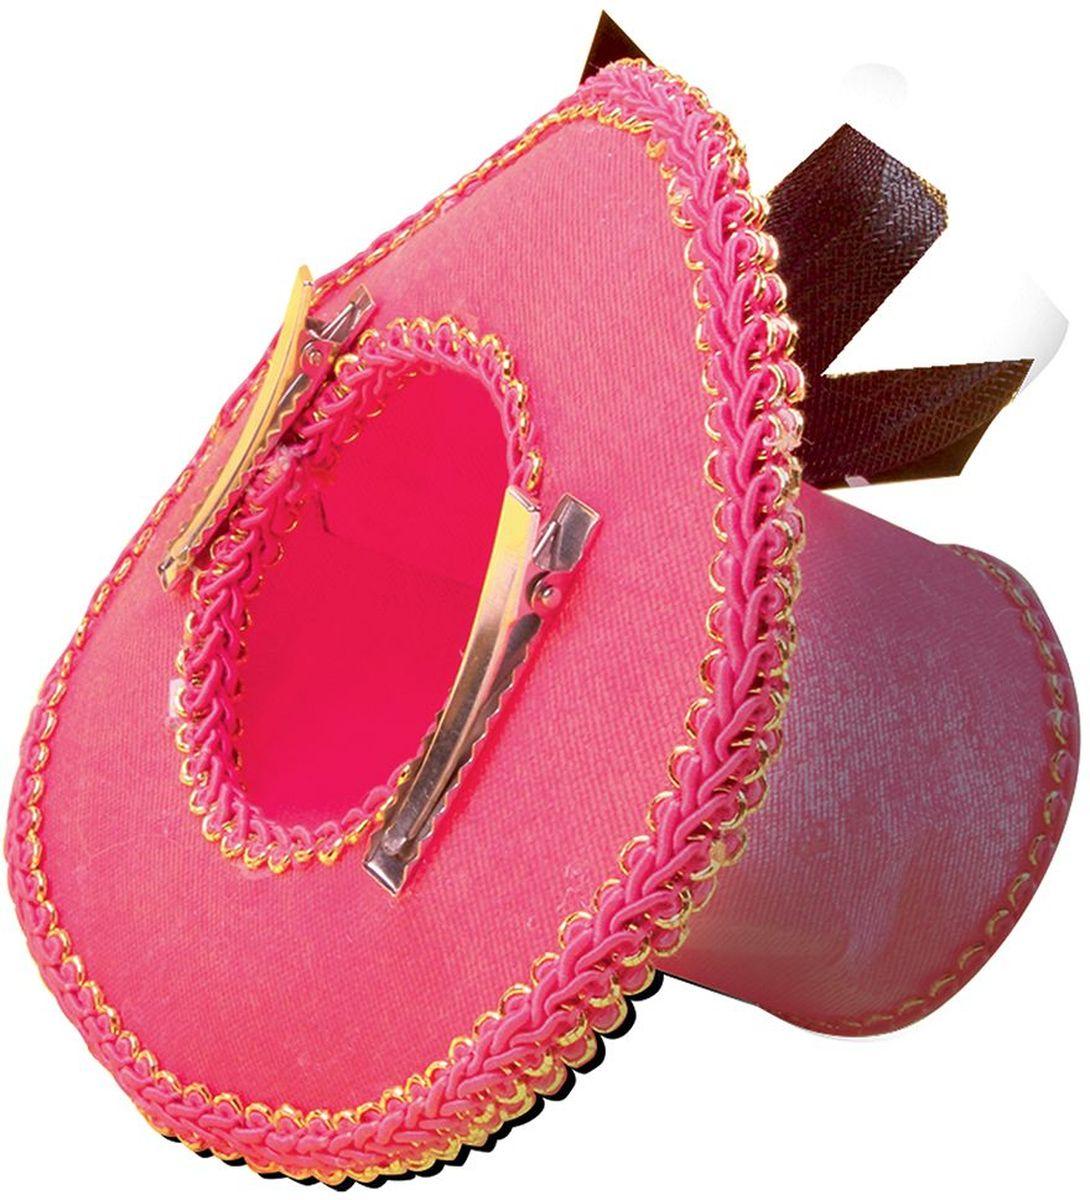 Partymania Шляпка-таблетка карнавальная Винтаж цвет розовый цена и фото